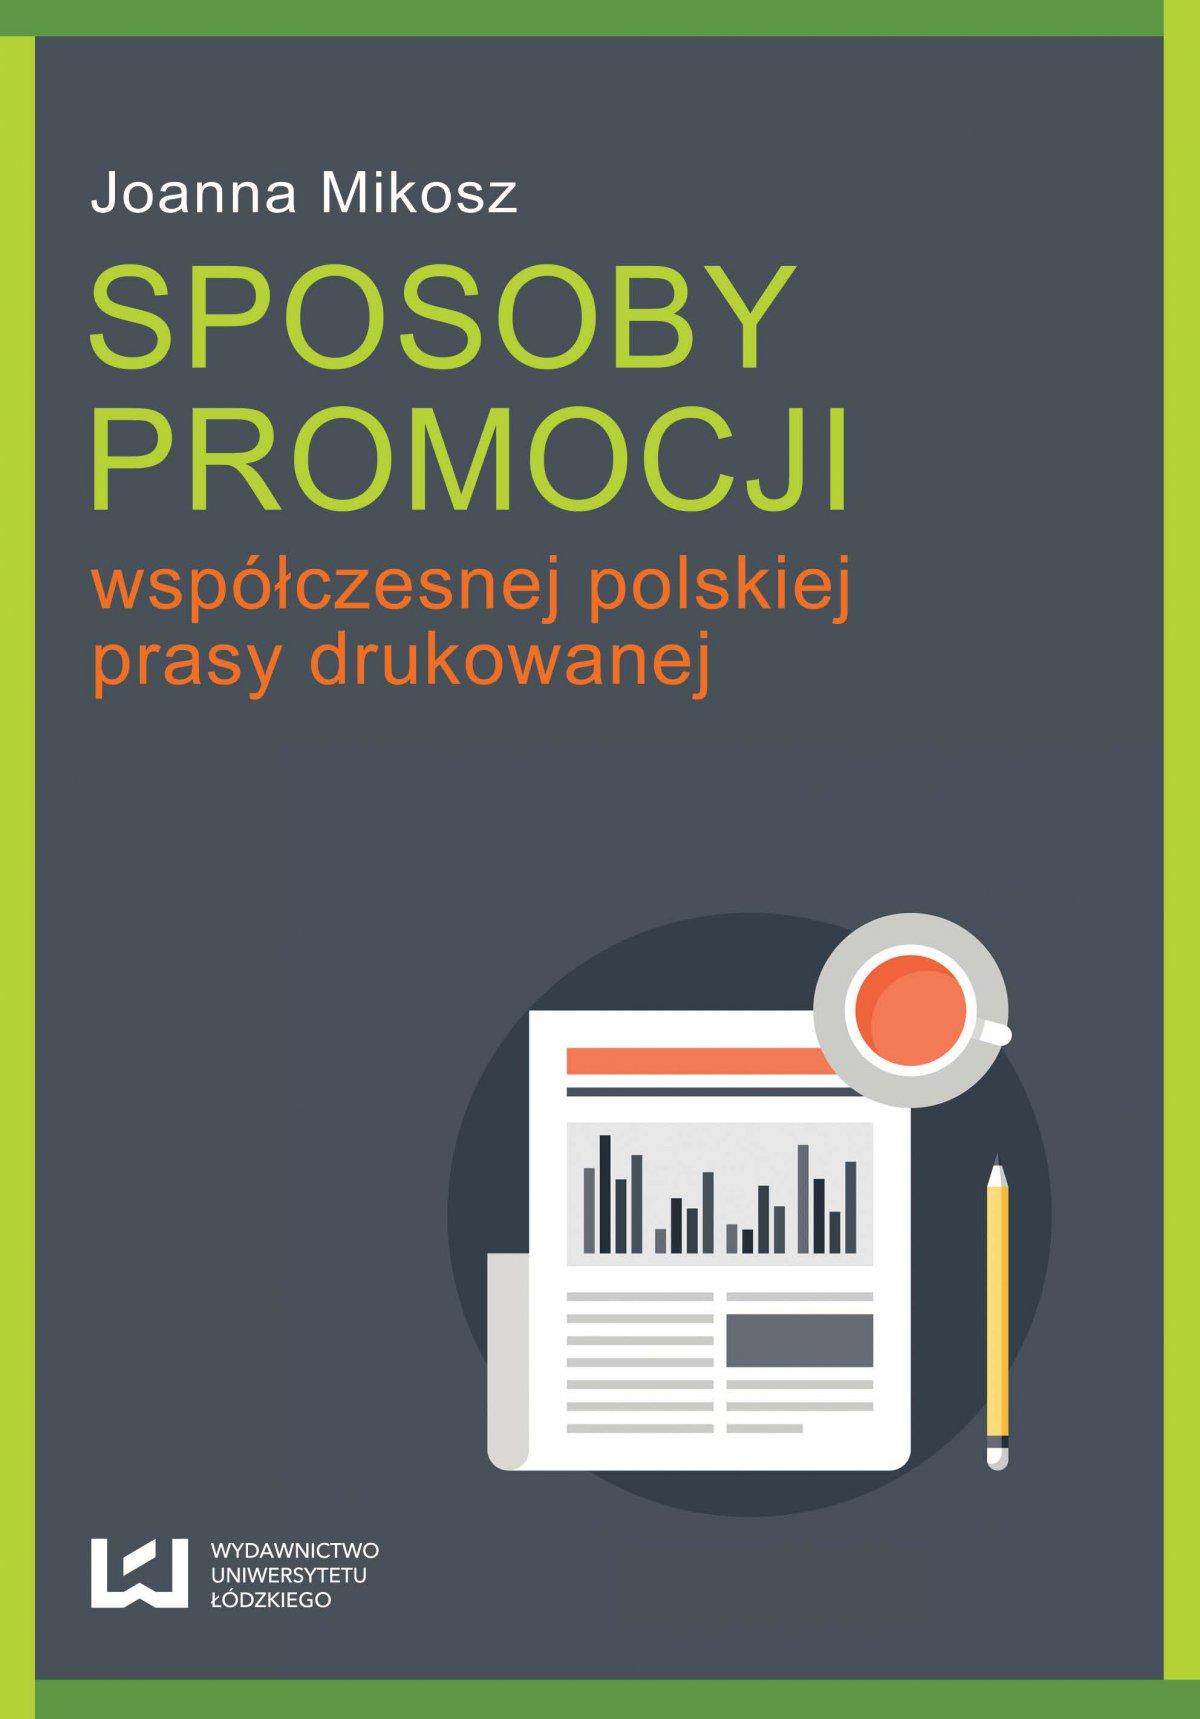 Sposoby promocji współczesnej polskiej prasy drukowanej - Ebook (Książka PDF) do pobrania w formacie PDF